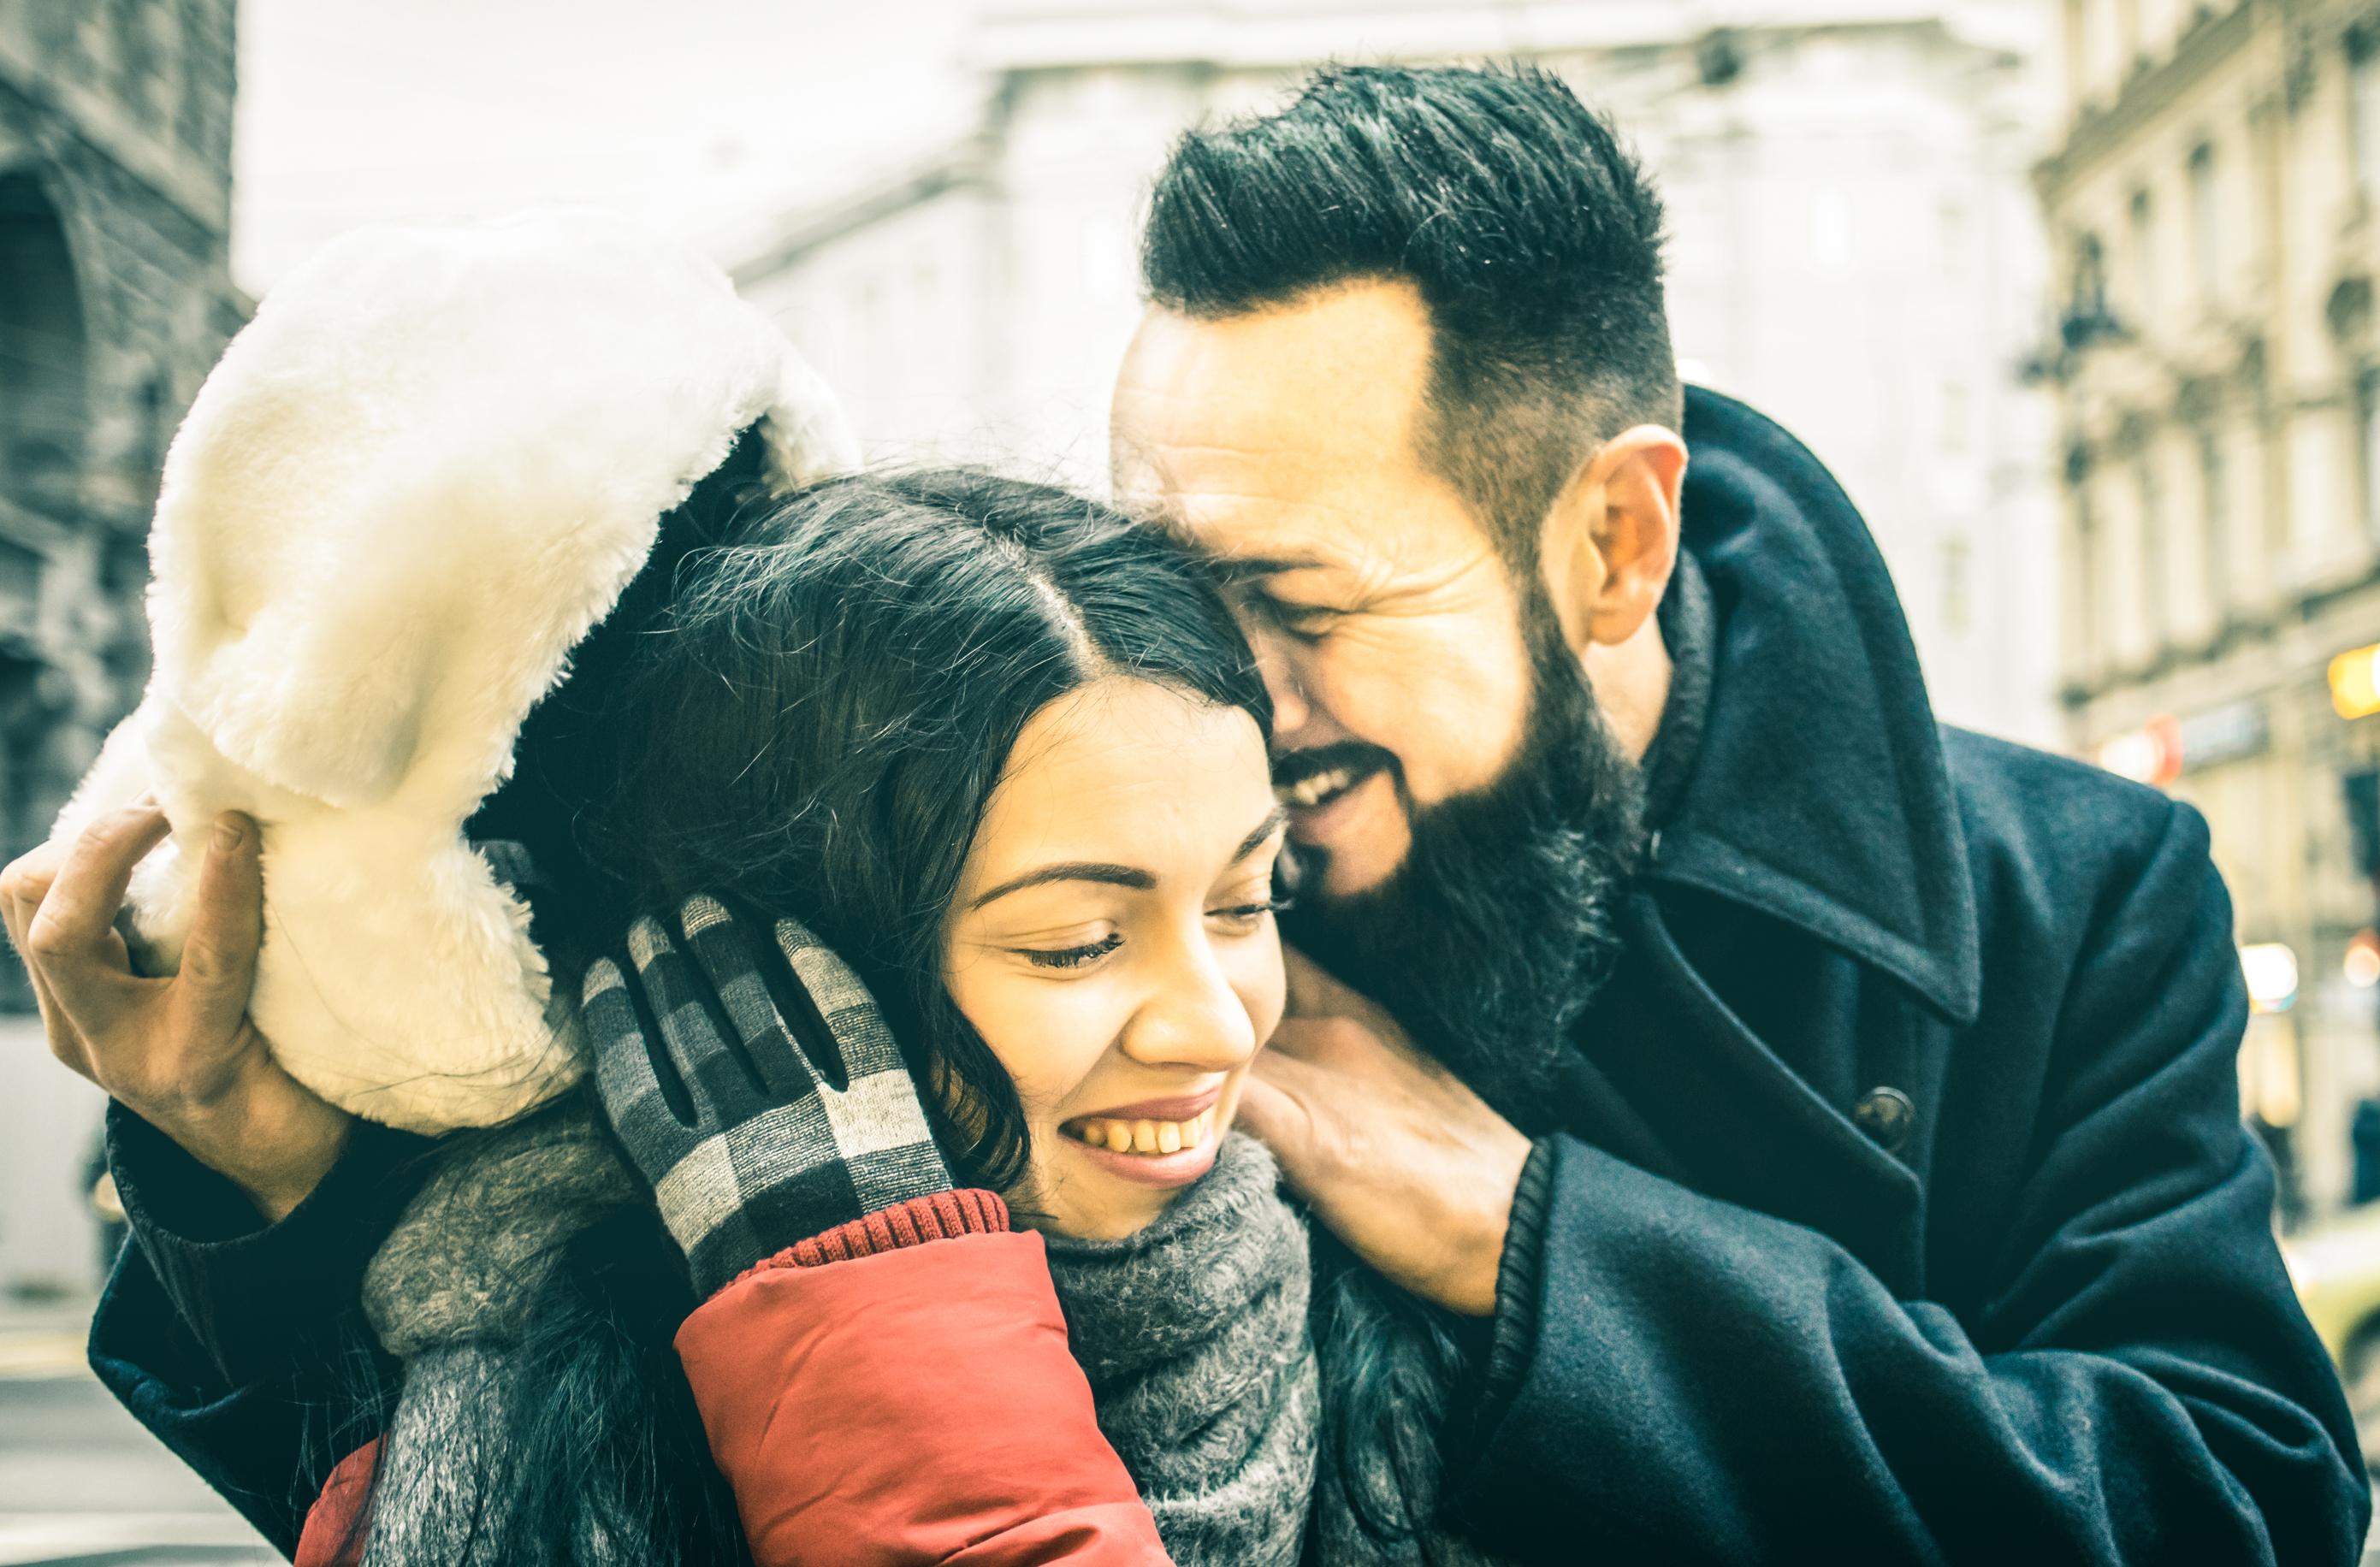 Att vara fysiskt nära sin partner har en lugnande effekt och då är även lukten en viktig komponent.